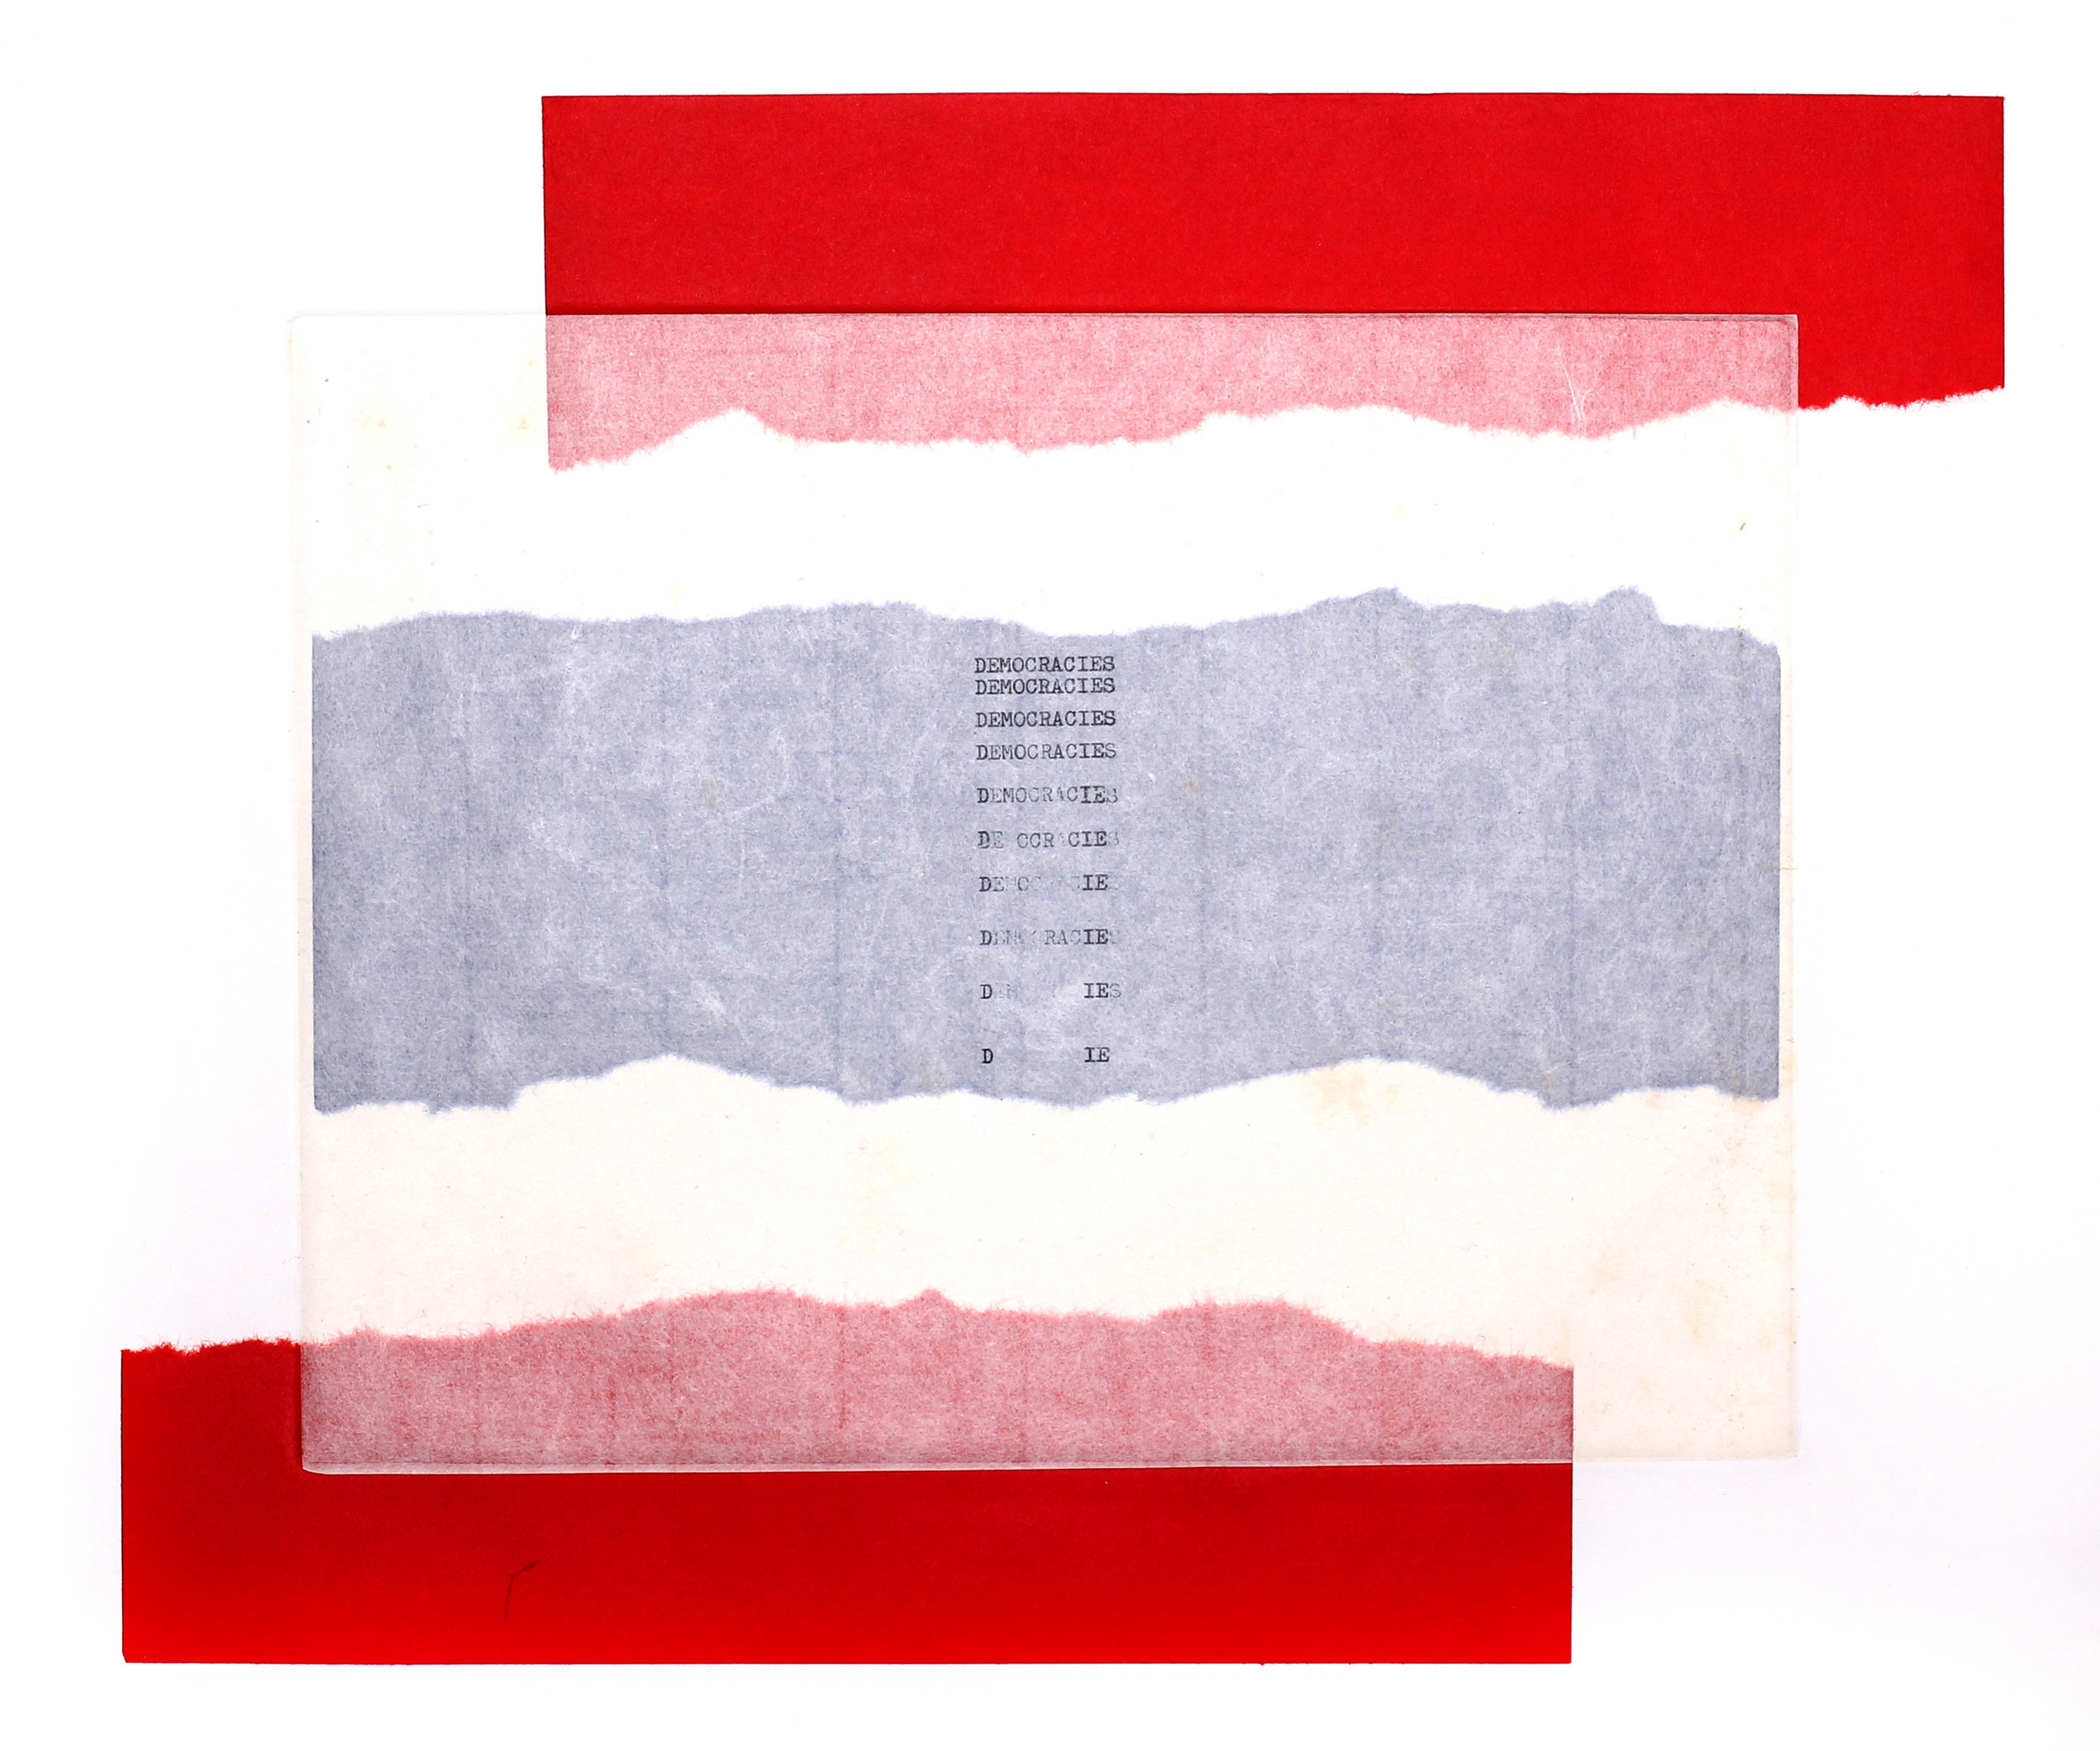 DEMOCRACIES DIE (U/P), 2019, Typewriter Art with Chine-Colle, 22 x 14 inches